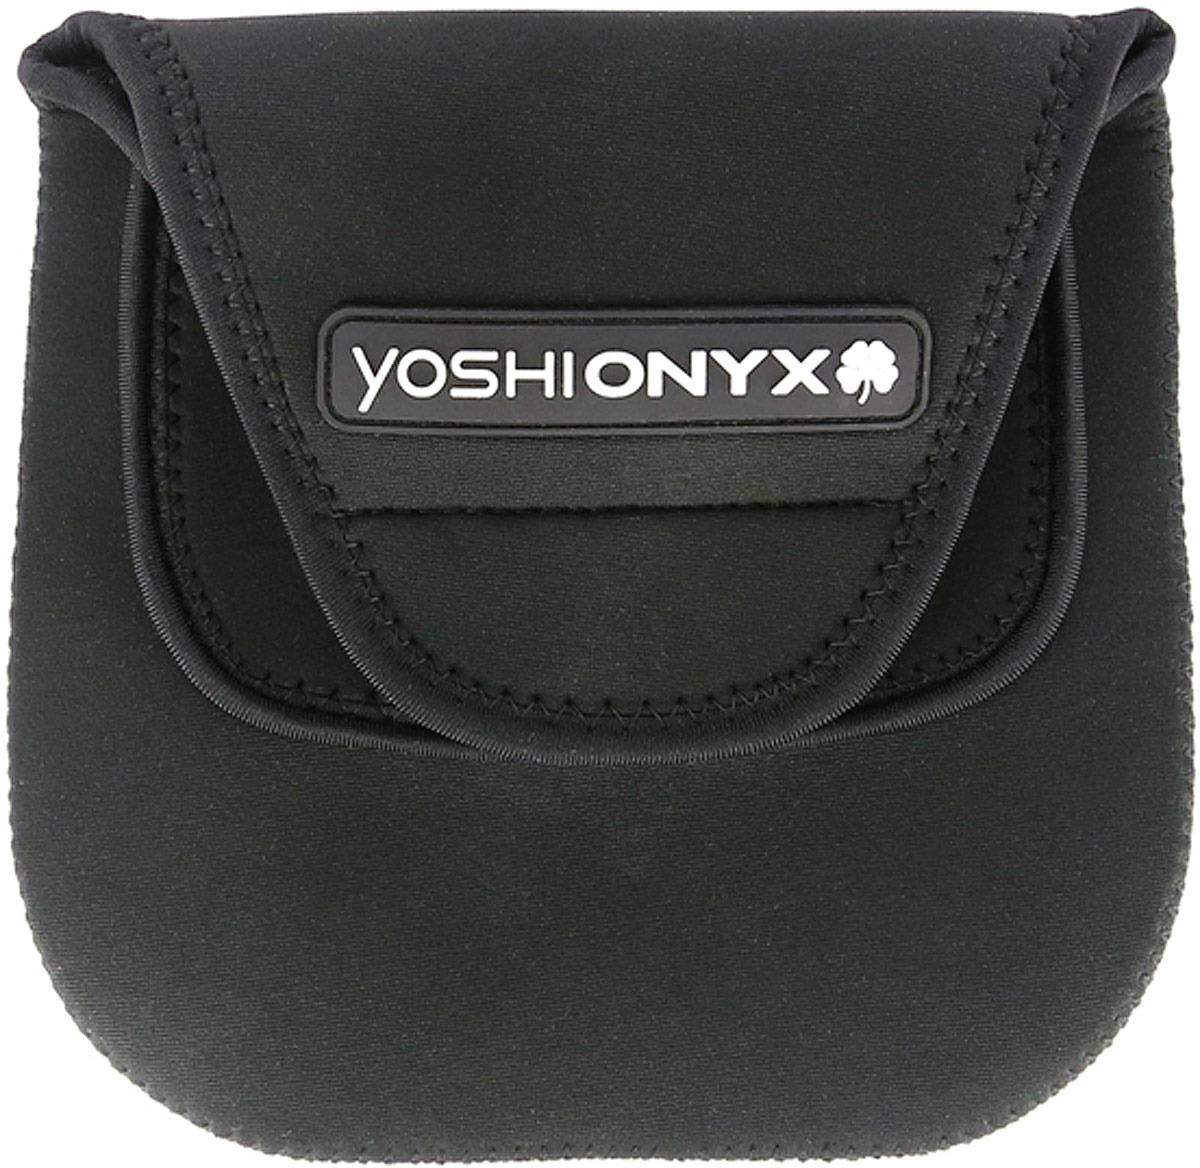 Чехол для катушки Yoshi Onyx, в комплекте с фиксаторами удилища, 2 шт, 18 х 18 см